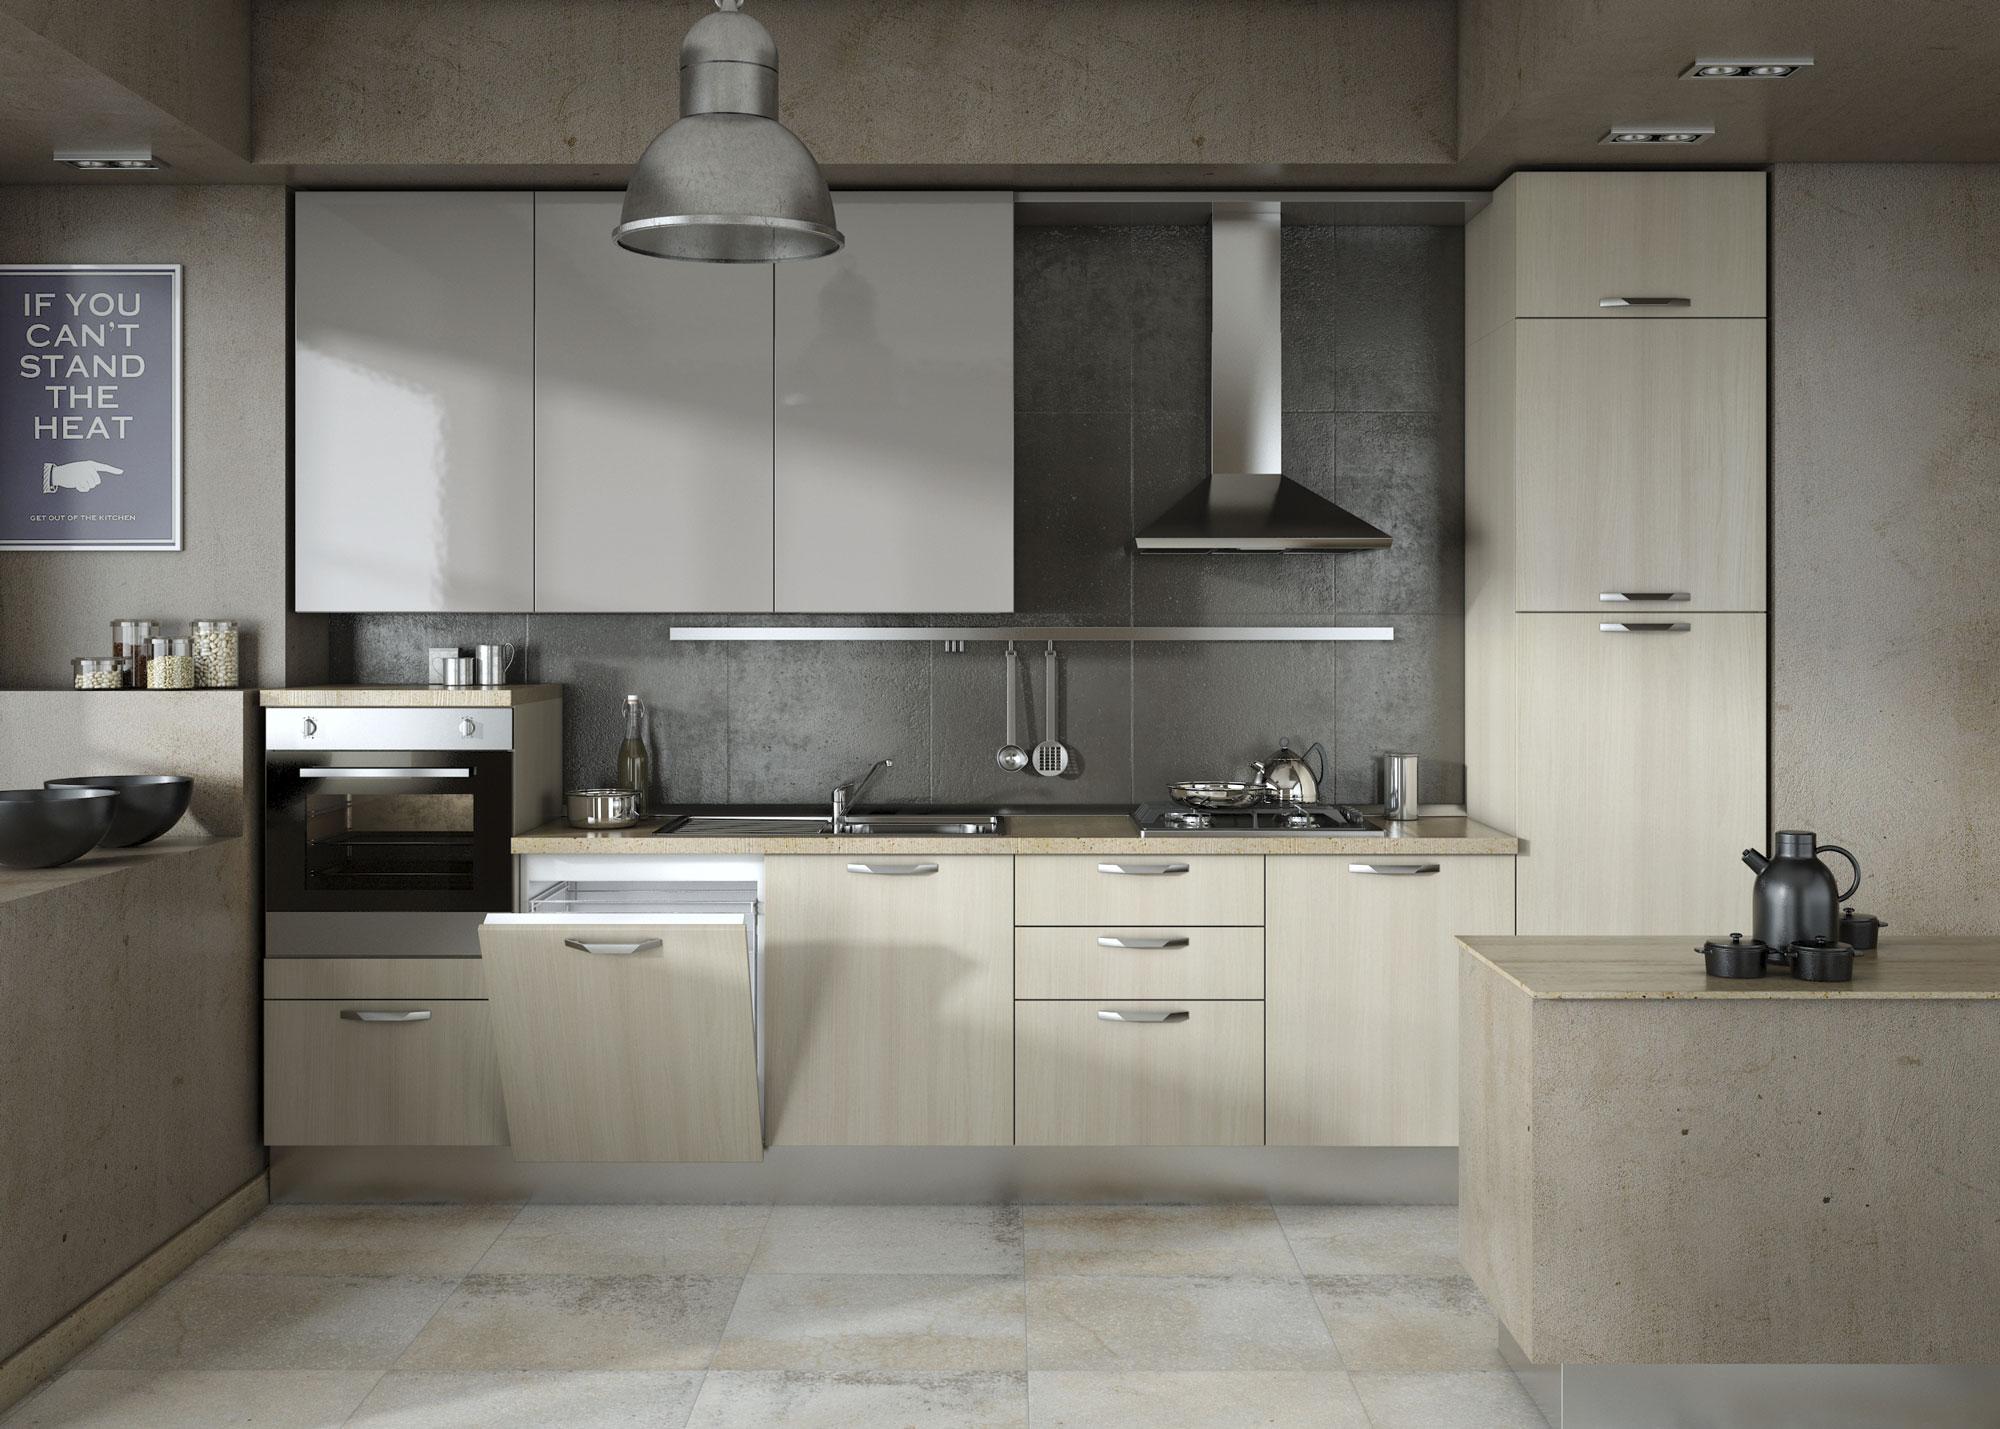 3d Studio Bartolini Progettazione Grafica Cucine Interior Design Glossy Rimini Pesaro 3d Studio Bartolini Grafica E Rendering 3d